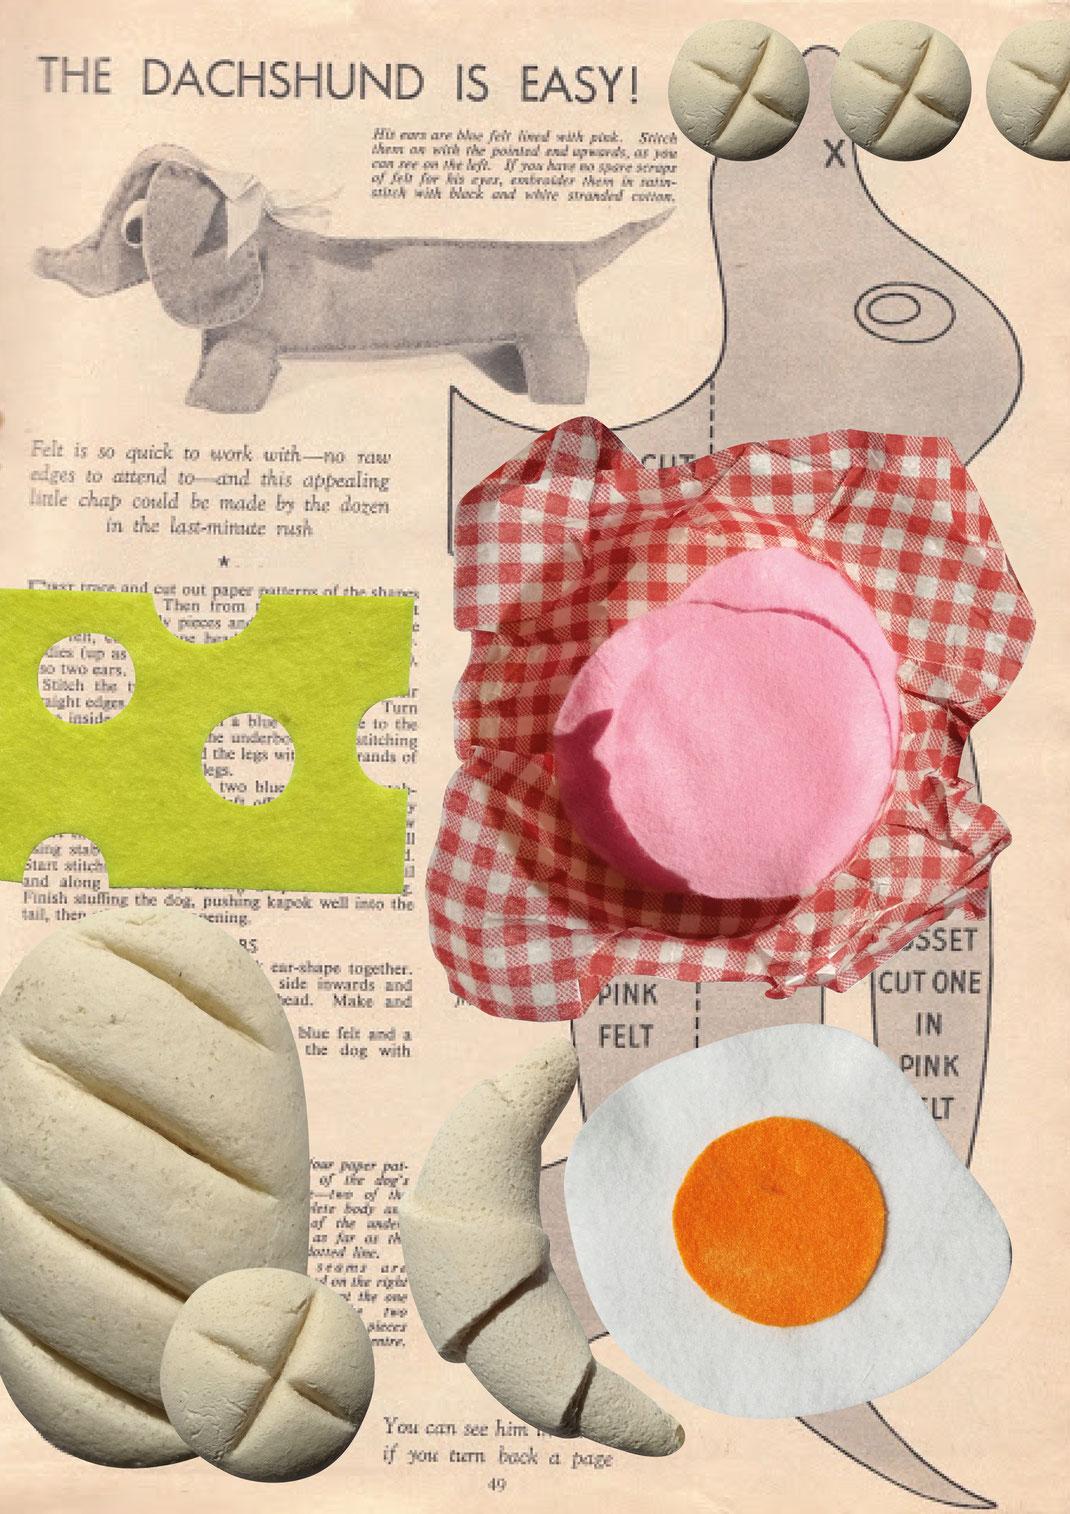 D.I.Y Kaufladen Zubehör einfach selbst gemacht, Kaufladen Zubehör aus Filz, Lollis, Bonbons, Eis, Obst, Gemüse, Käse, Wurst, Backwaren, Brot, Croissants, Zirkuskarten